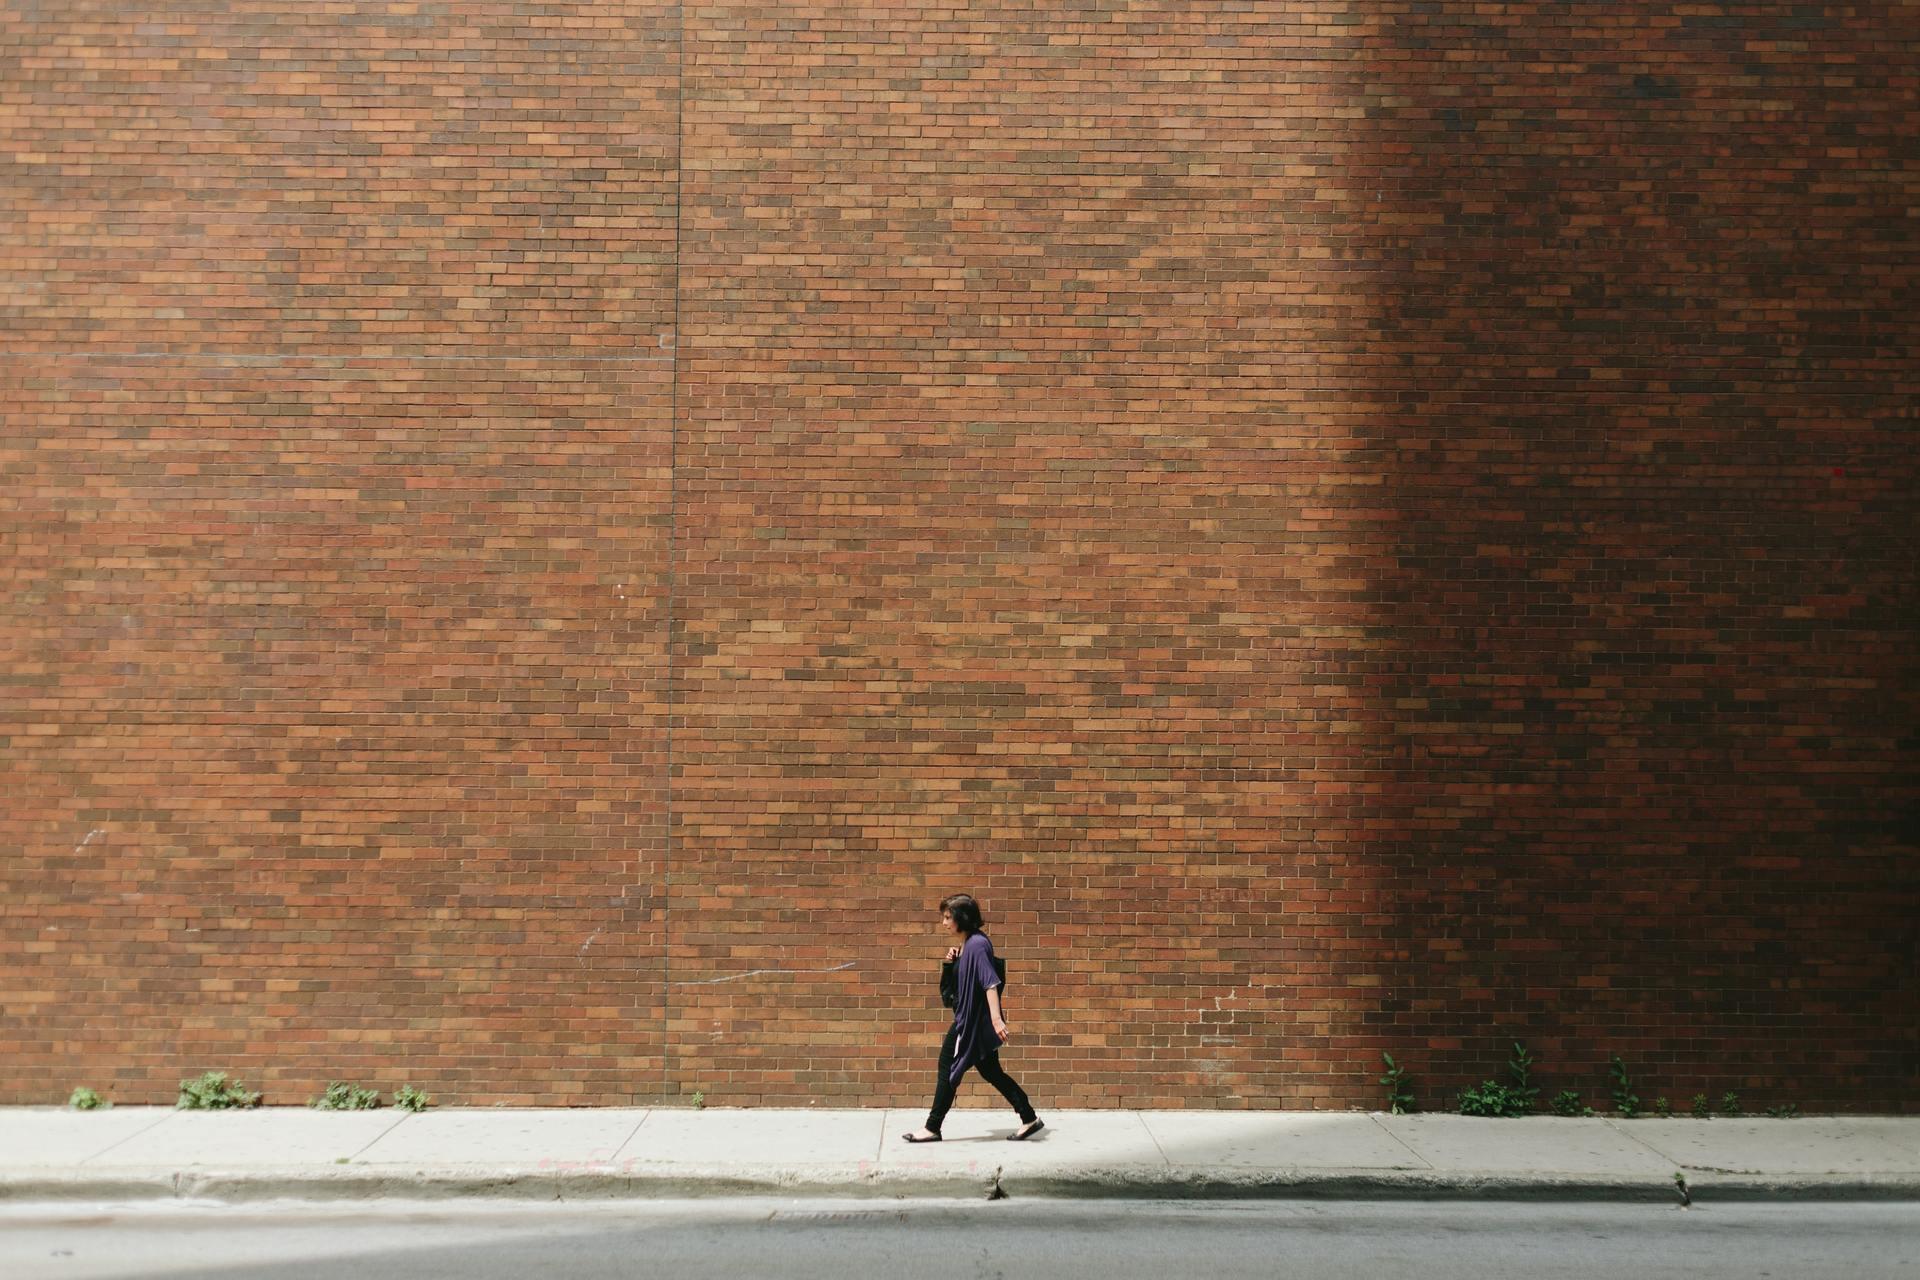 Короткие прогулки в течение рабочего дня полезны для продуктивности. Даже если рабочий день - ночь